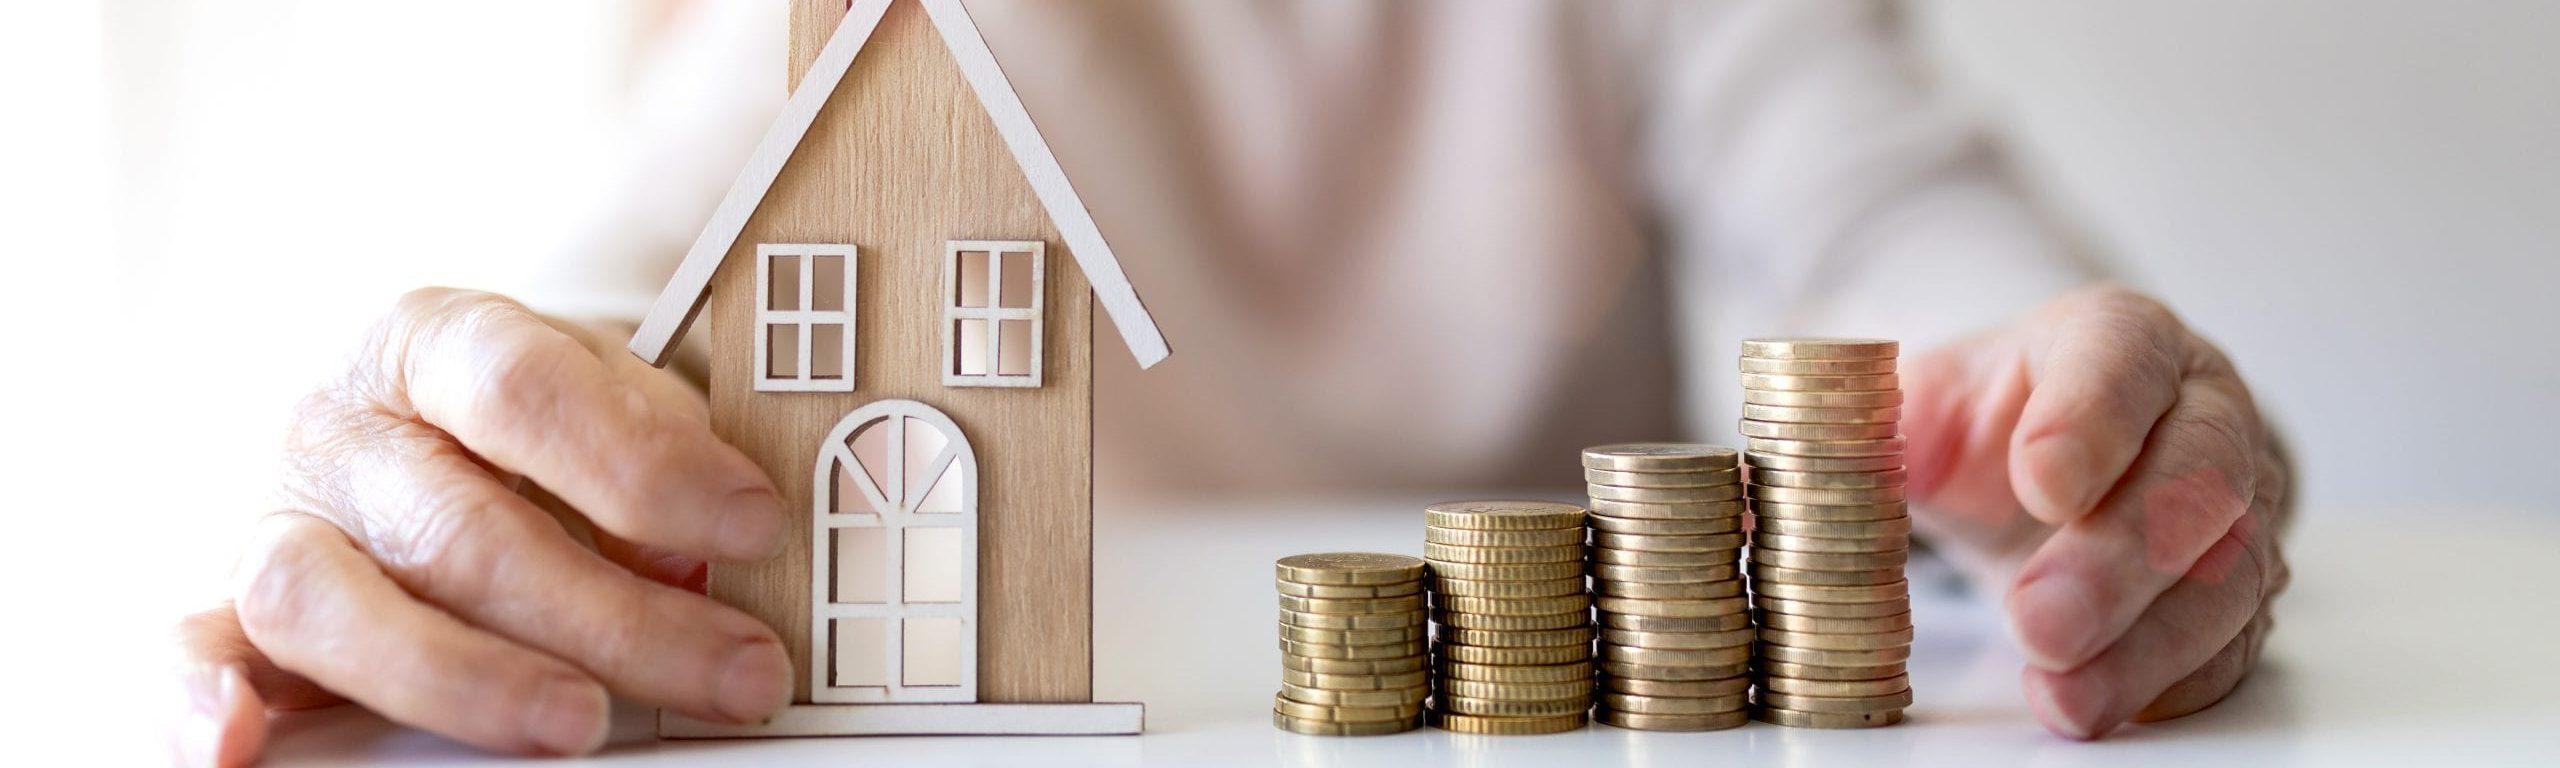 Ein Modellhaus neben Münzen in den Händen einer Seniorin